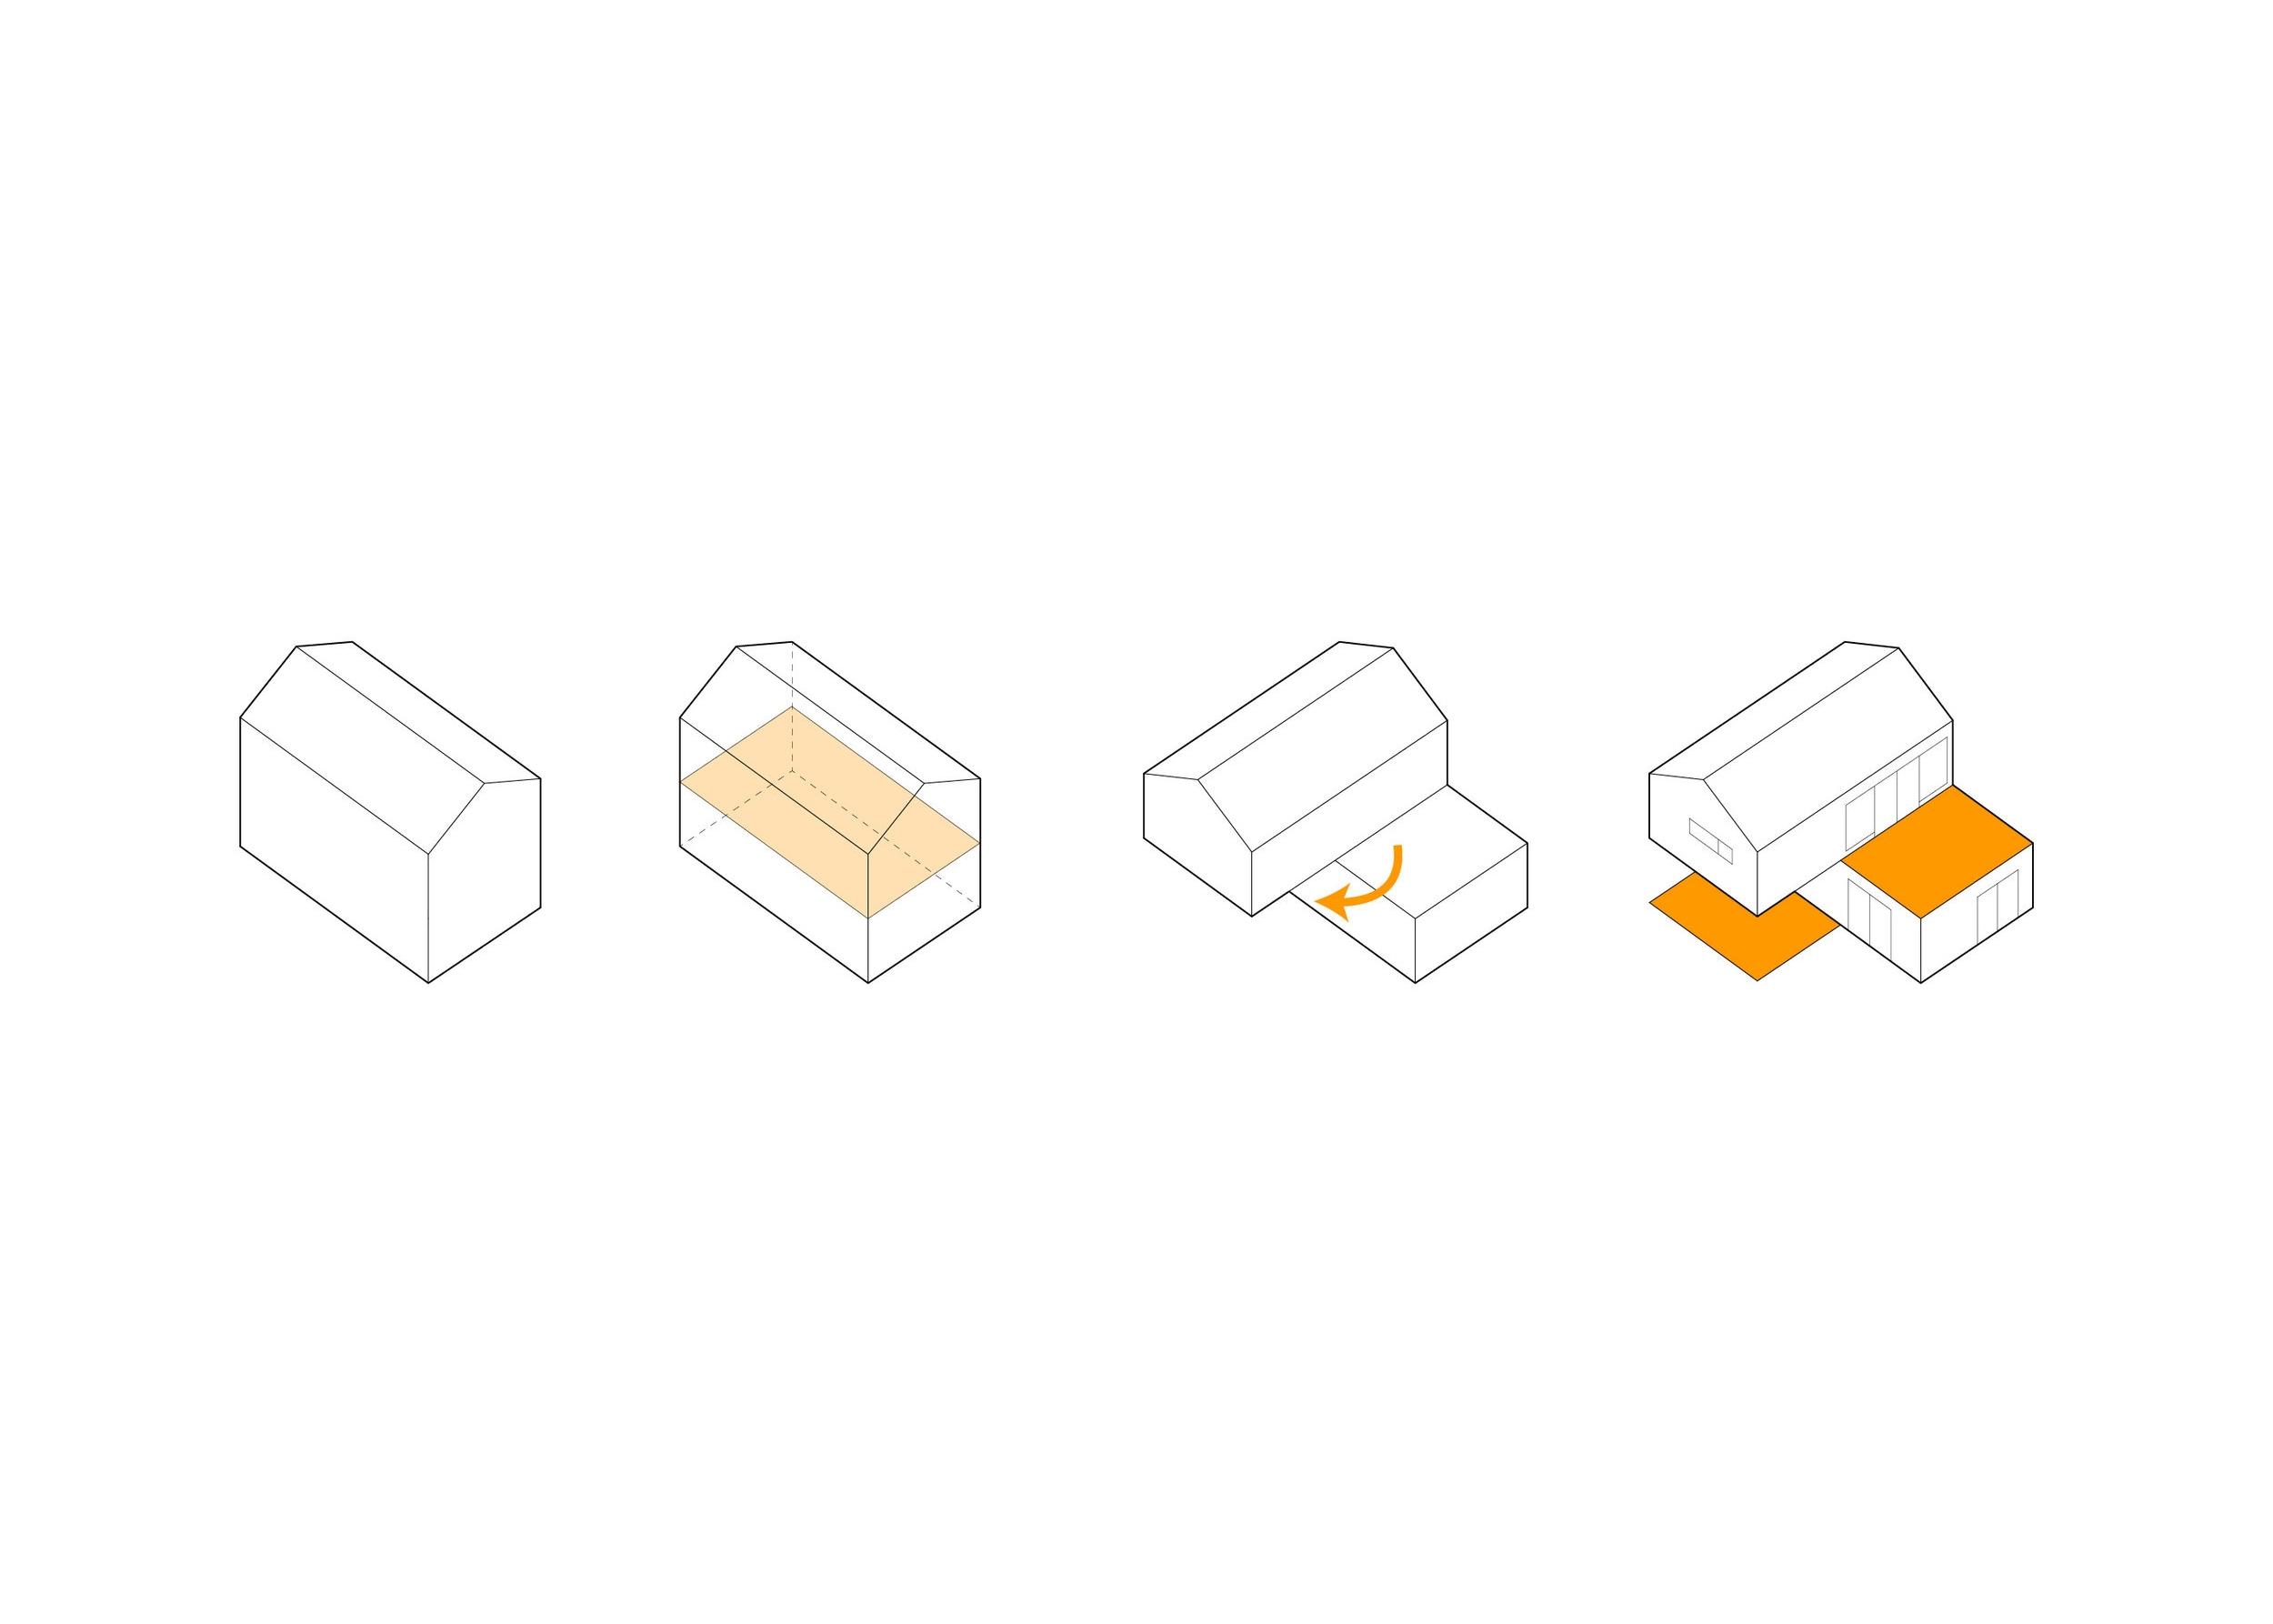 180827_Cozzetti Massing Diagram_for website-01.jpg